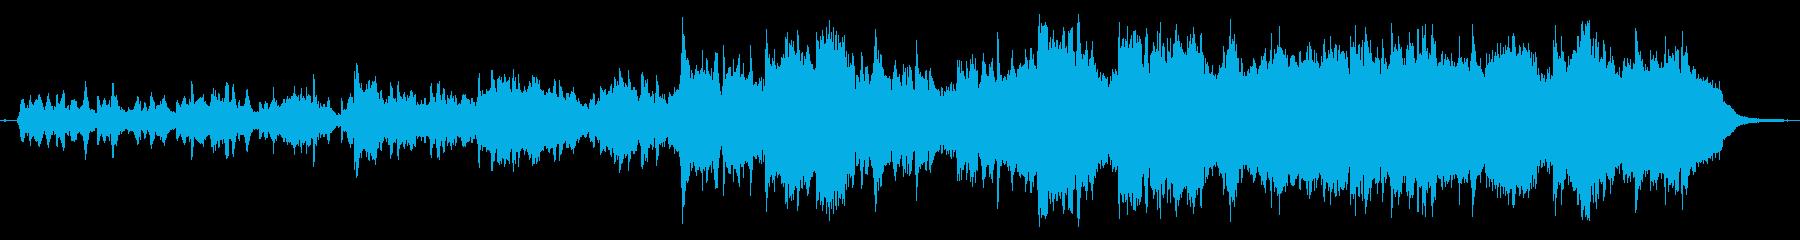 伝統的なフォークミュージックの再生済みの波形